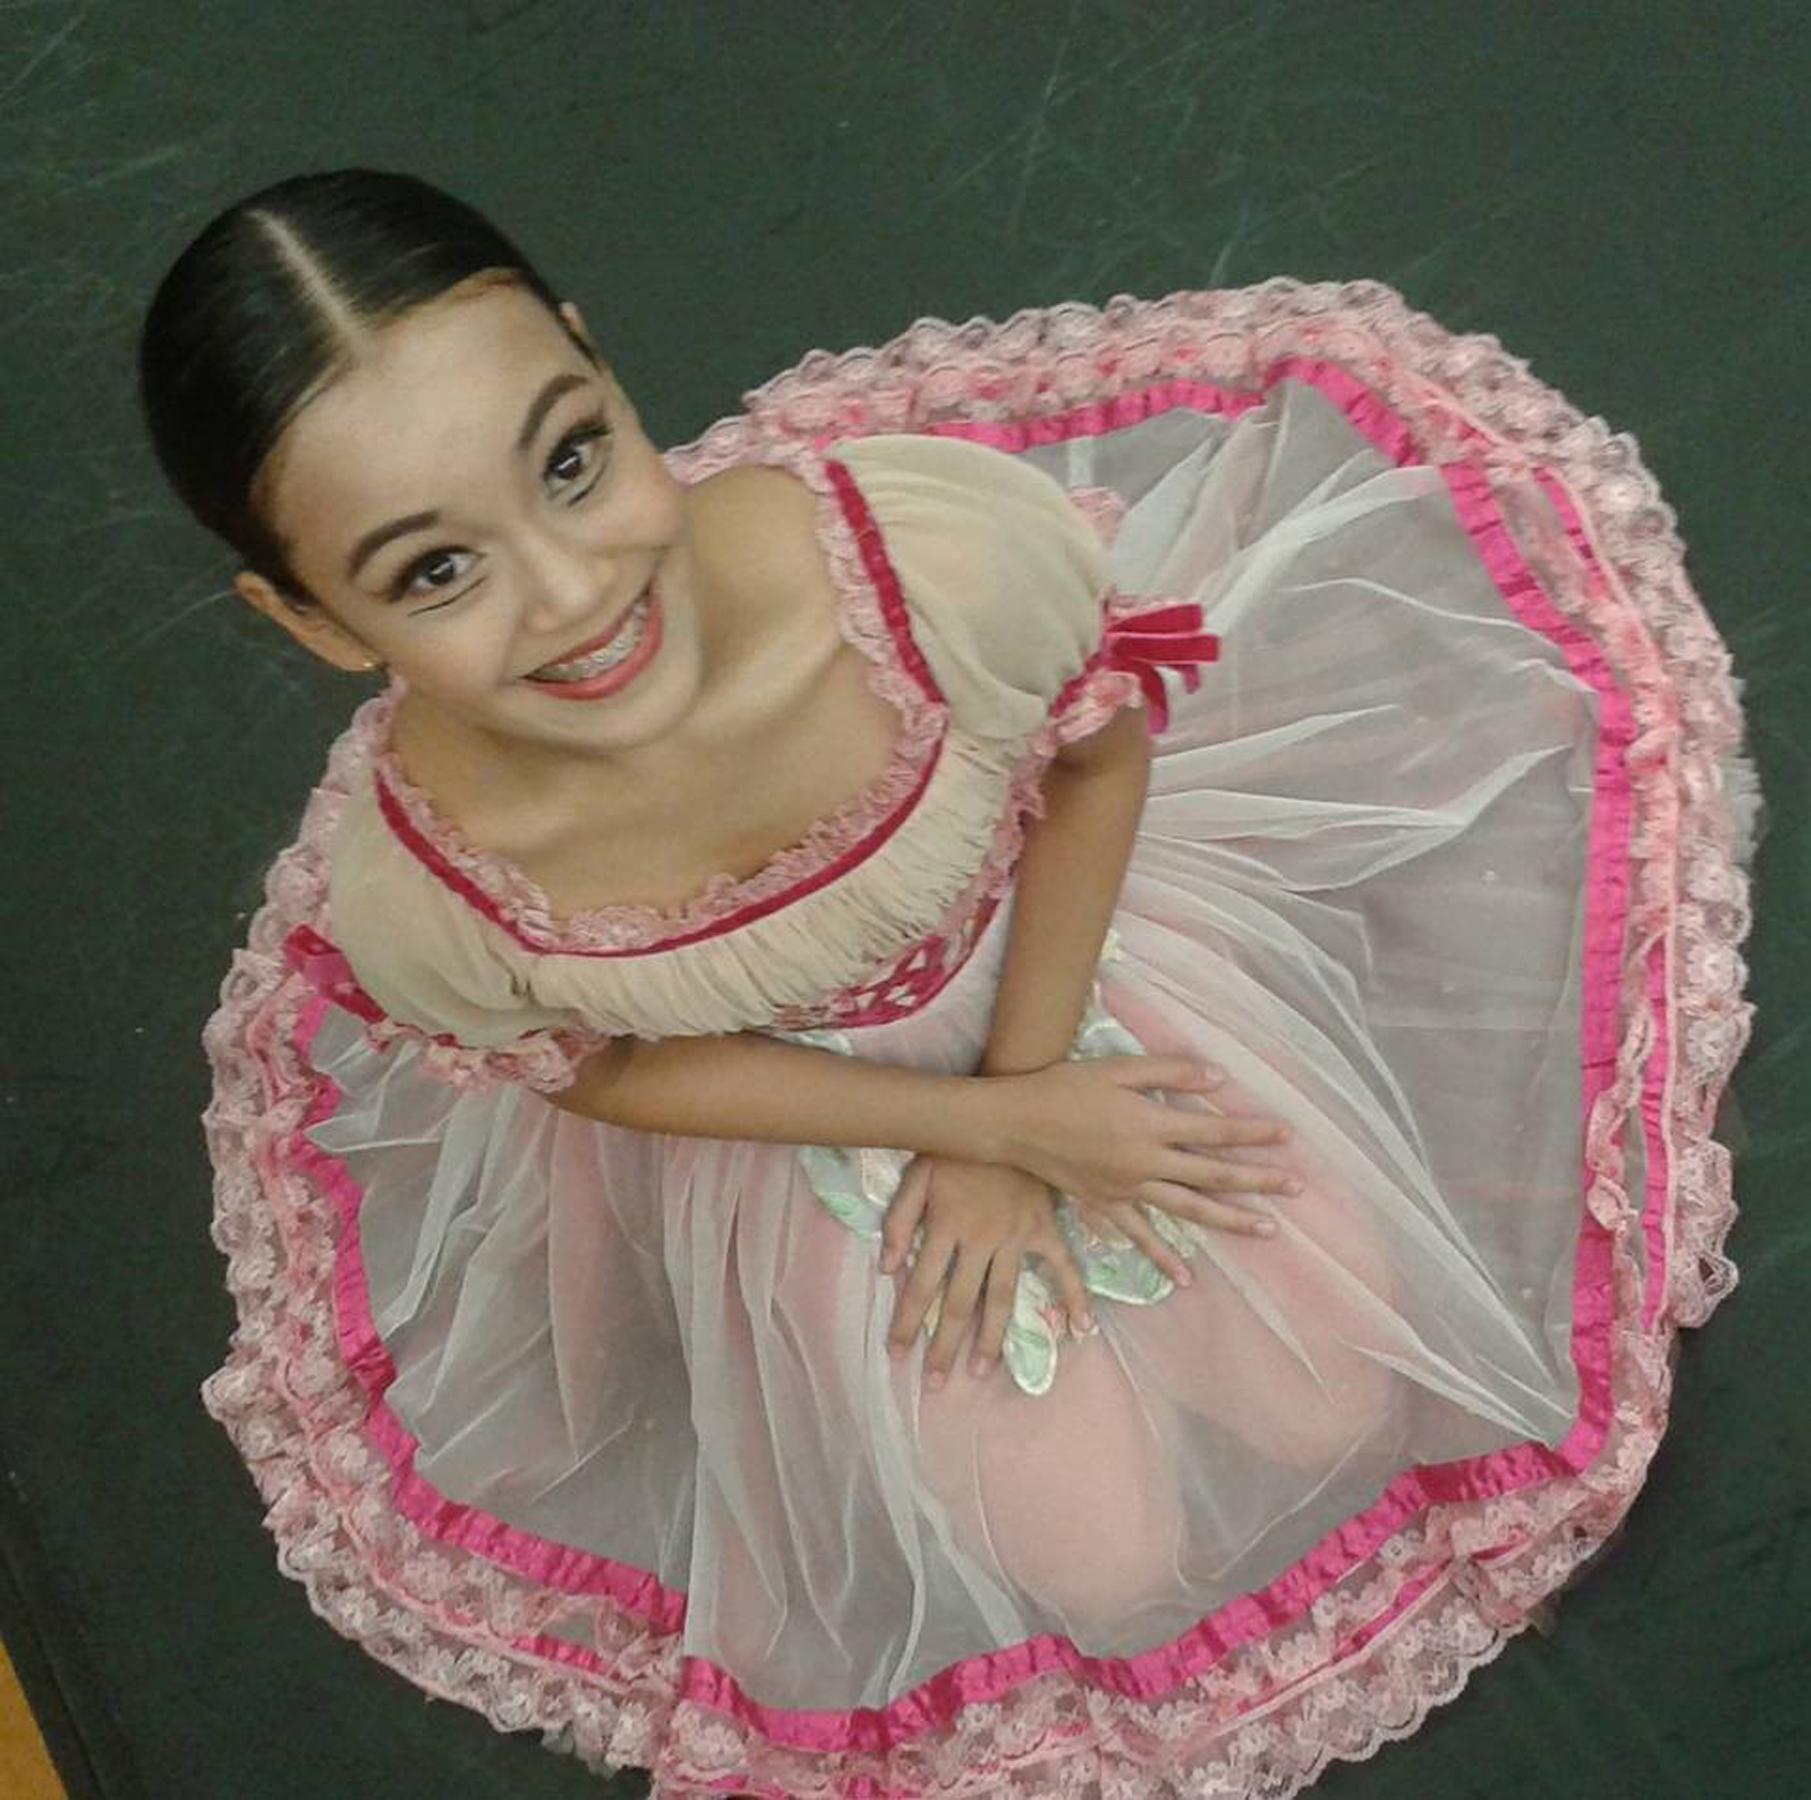 Ashley Salonga